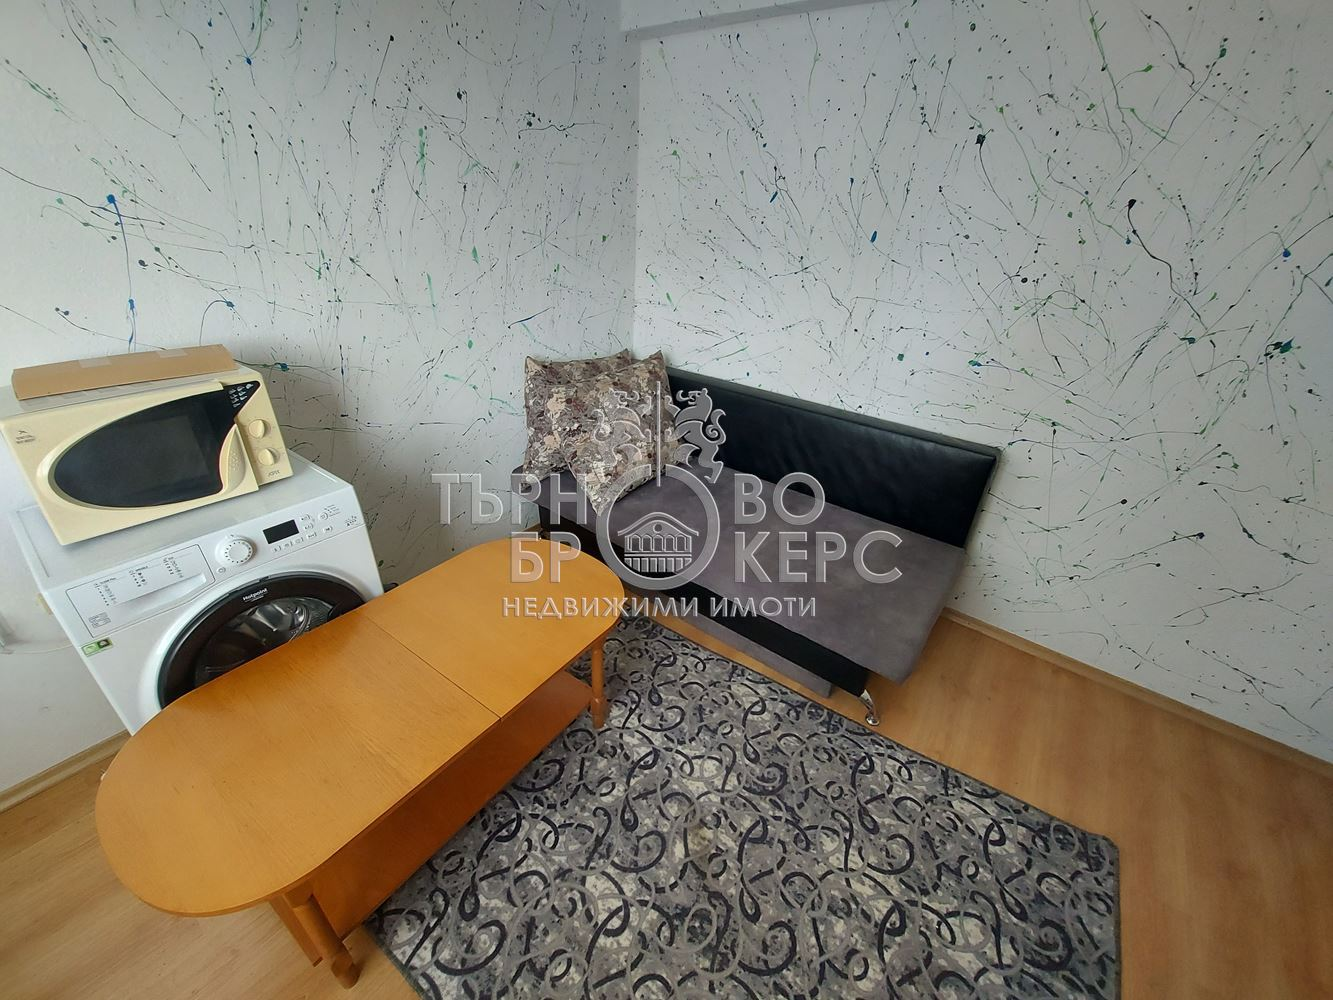 Едностаен апартамент  във  Велико Търново за 220  лв - Боксониера,